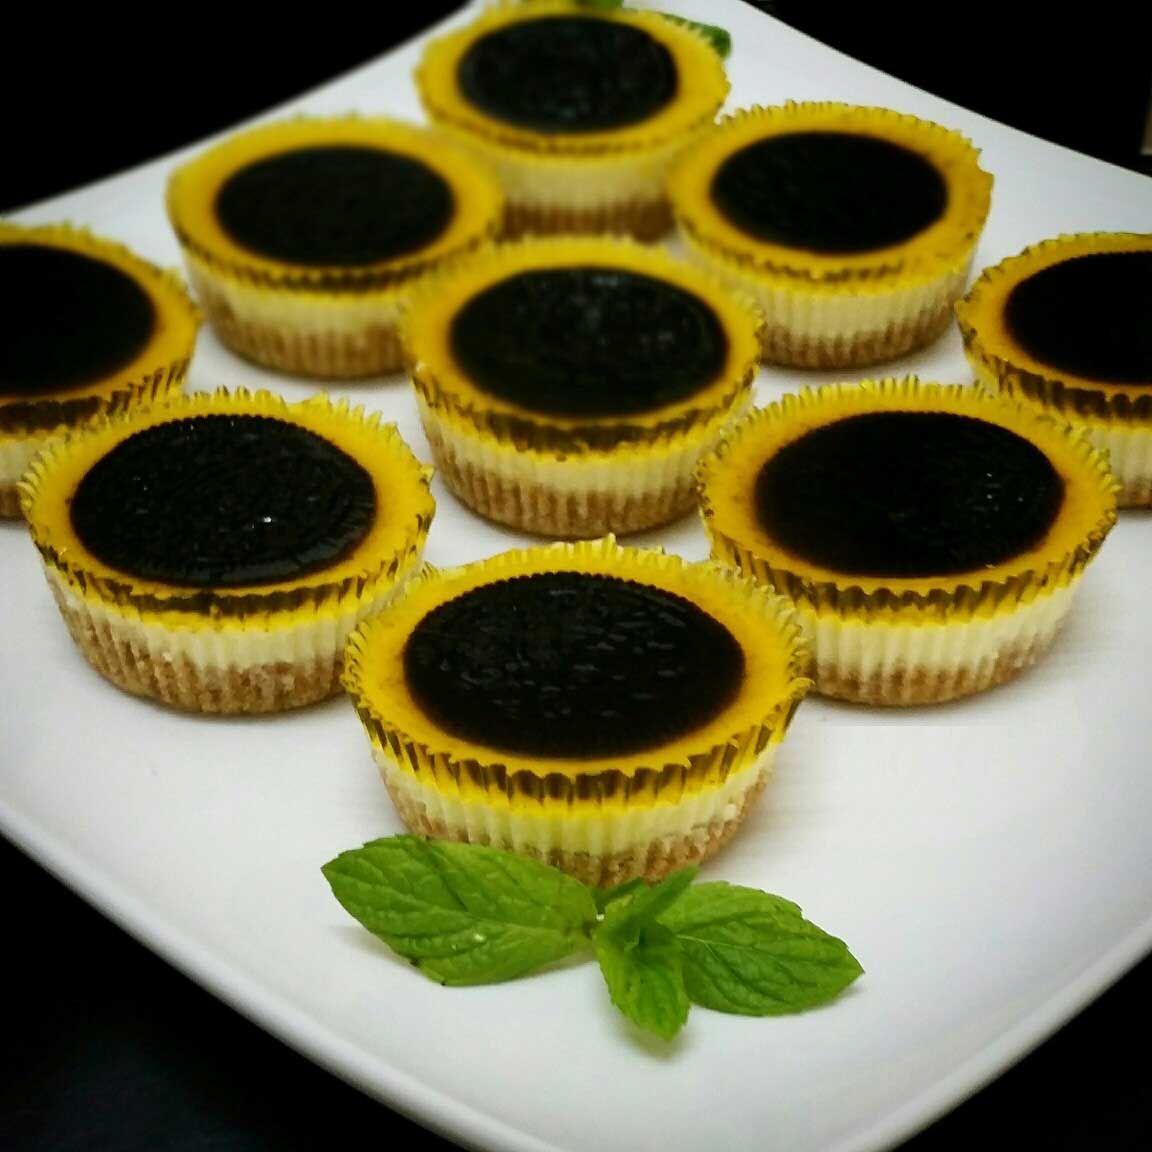 حلى دوار الشمس حلوة شكلها واو طعمها لذيذ جدا Mini Cheesecake Desserts Cheesecake